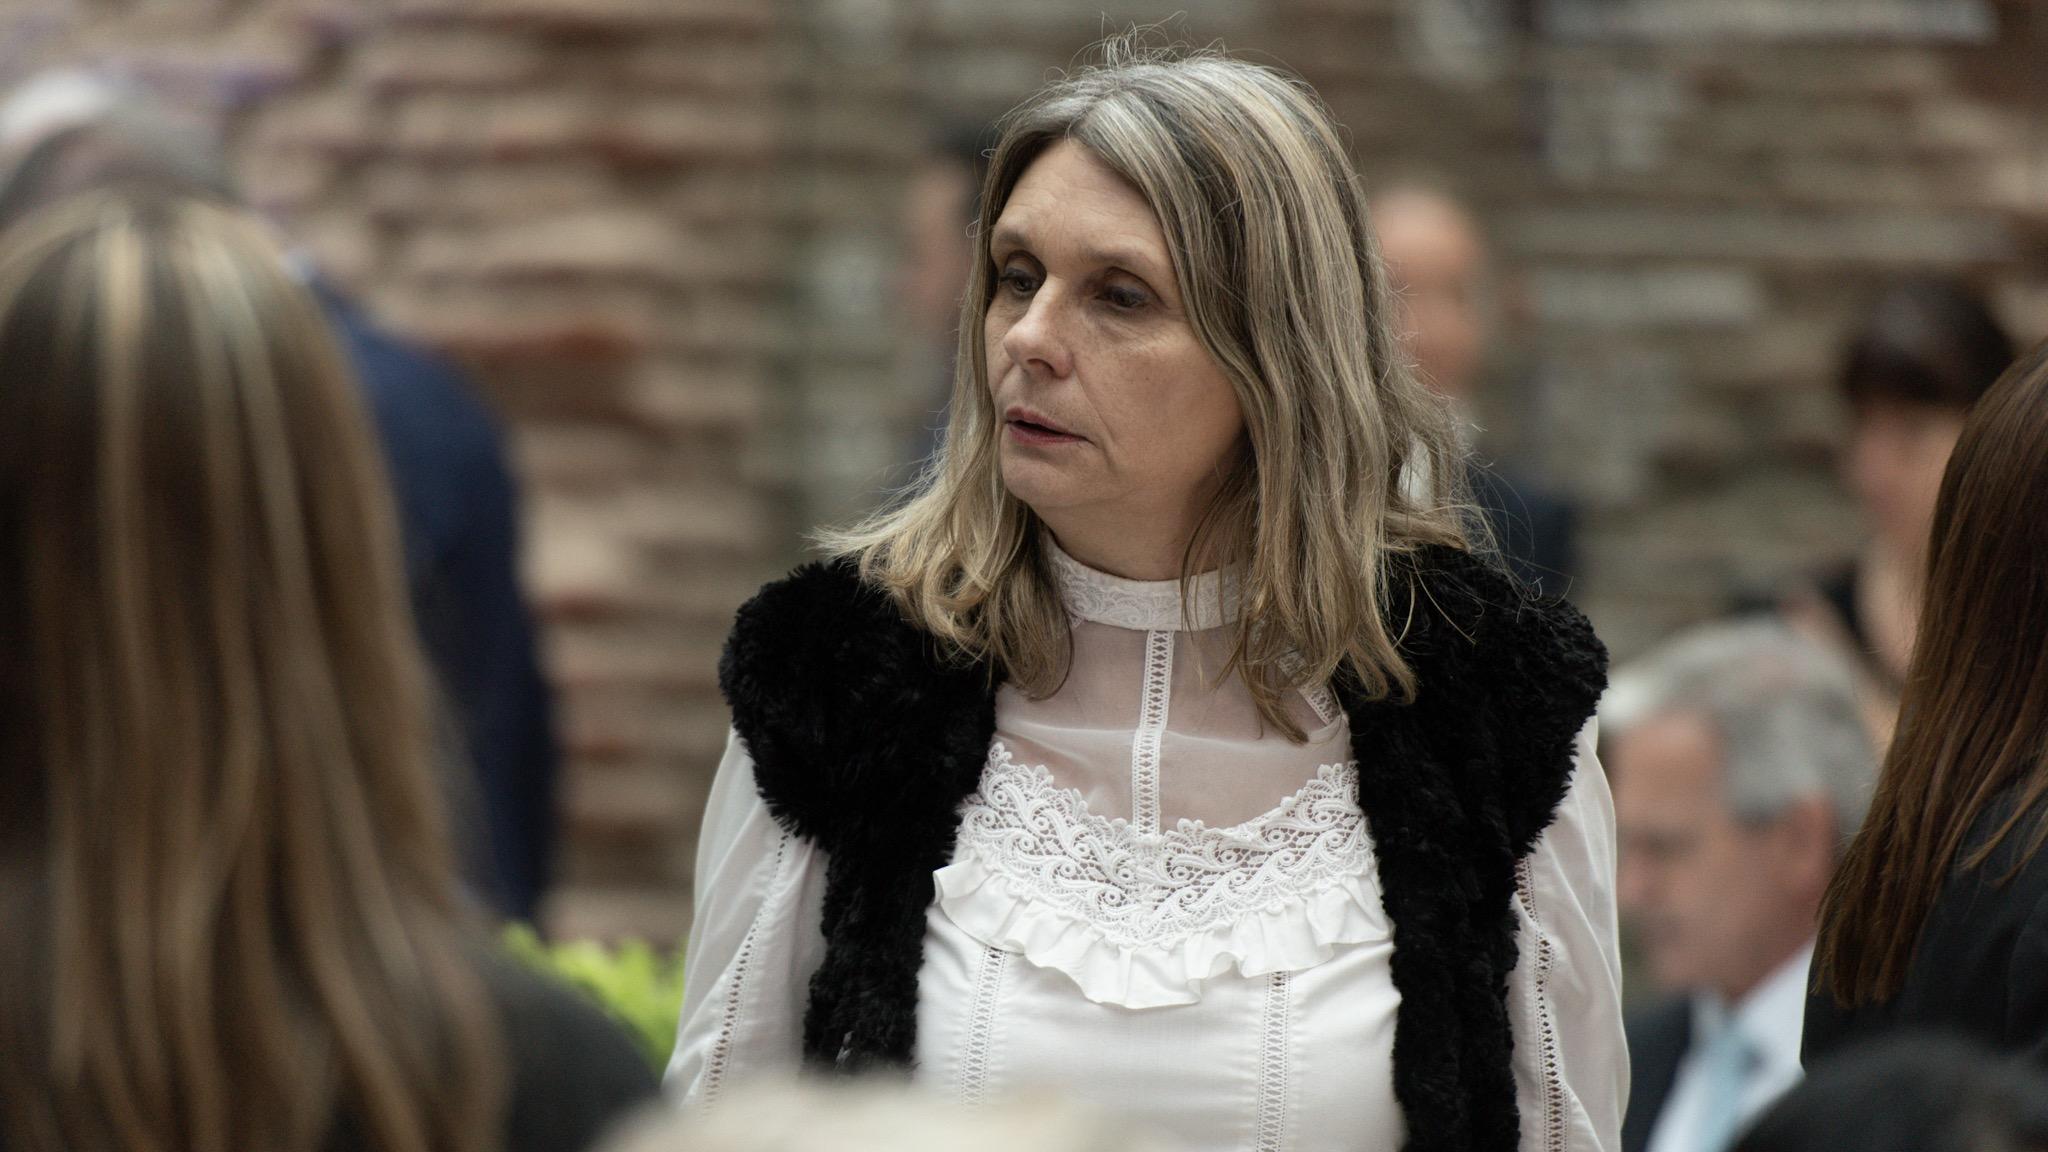 La senadora Cornelia Schmidt-Liermann